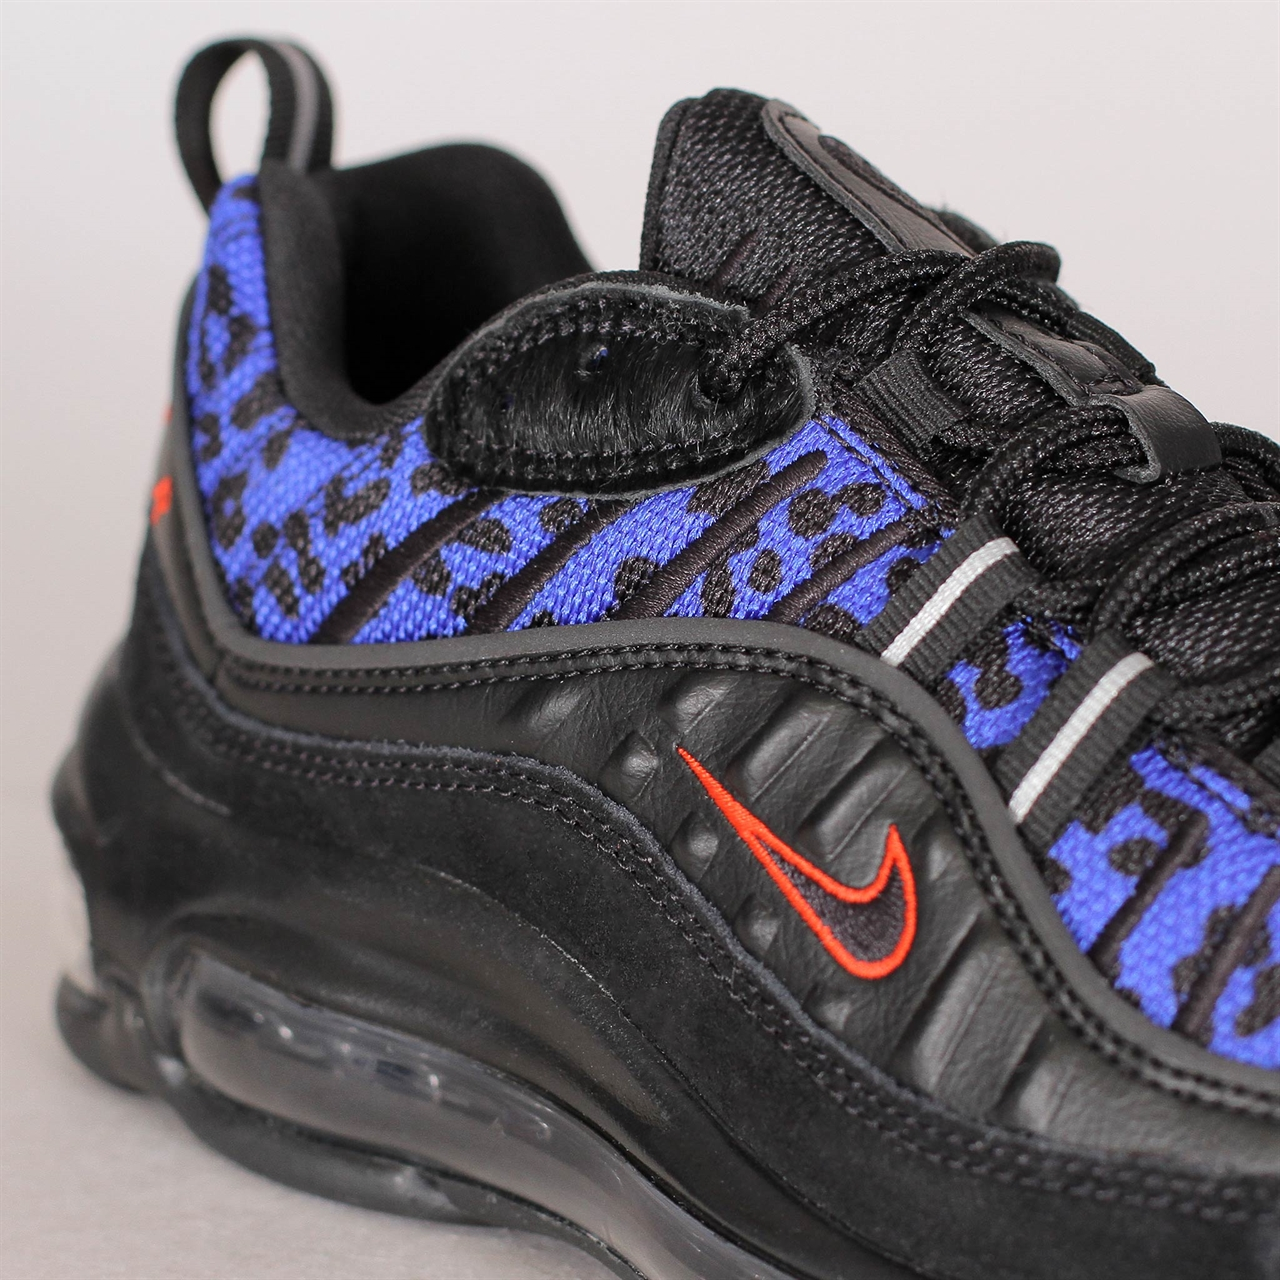 Shelta Nike Womens Air Max 98 Premium Black Leopard (BV1978 001)